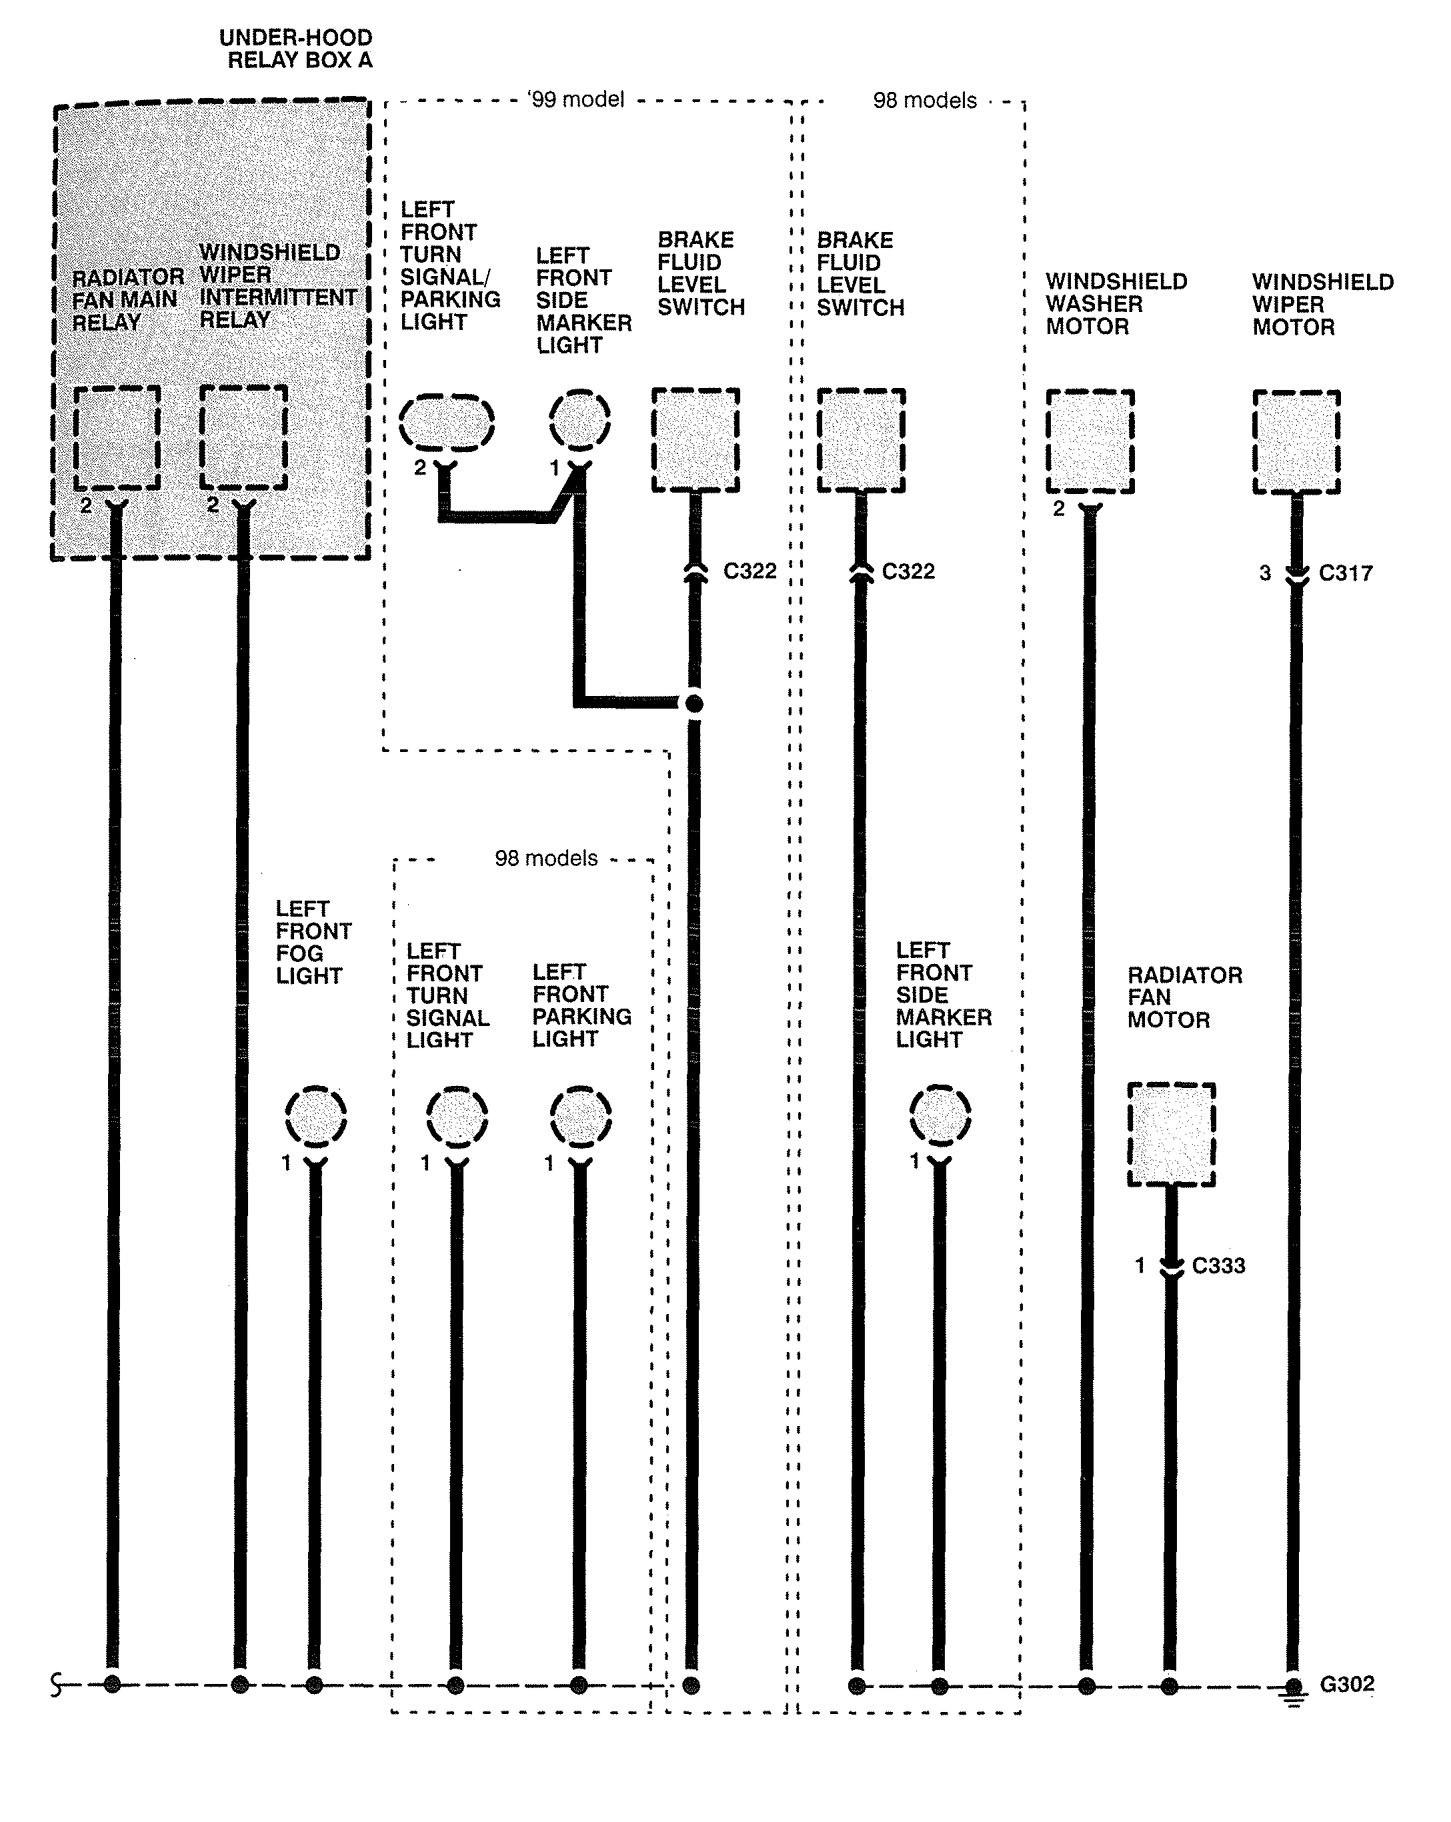 1998 dodge caravan radio wiring diagram 1 gang one way switch homelink 37